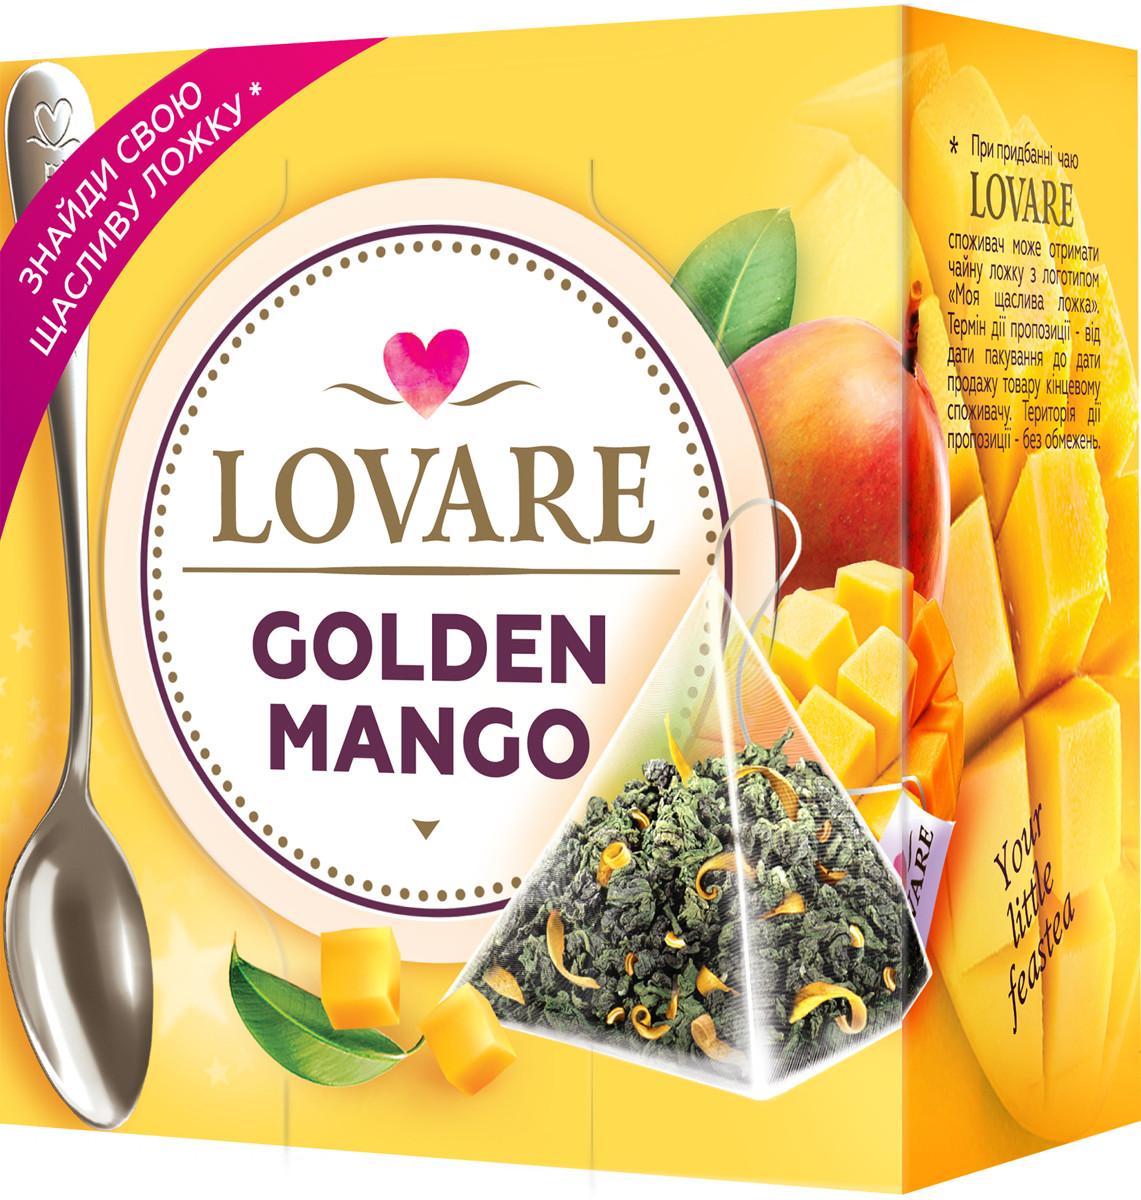 Чай LOVARE Золотое манго ( зелёный) 15 шт пирамидок + ложка в подарок